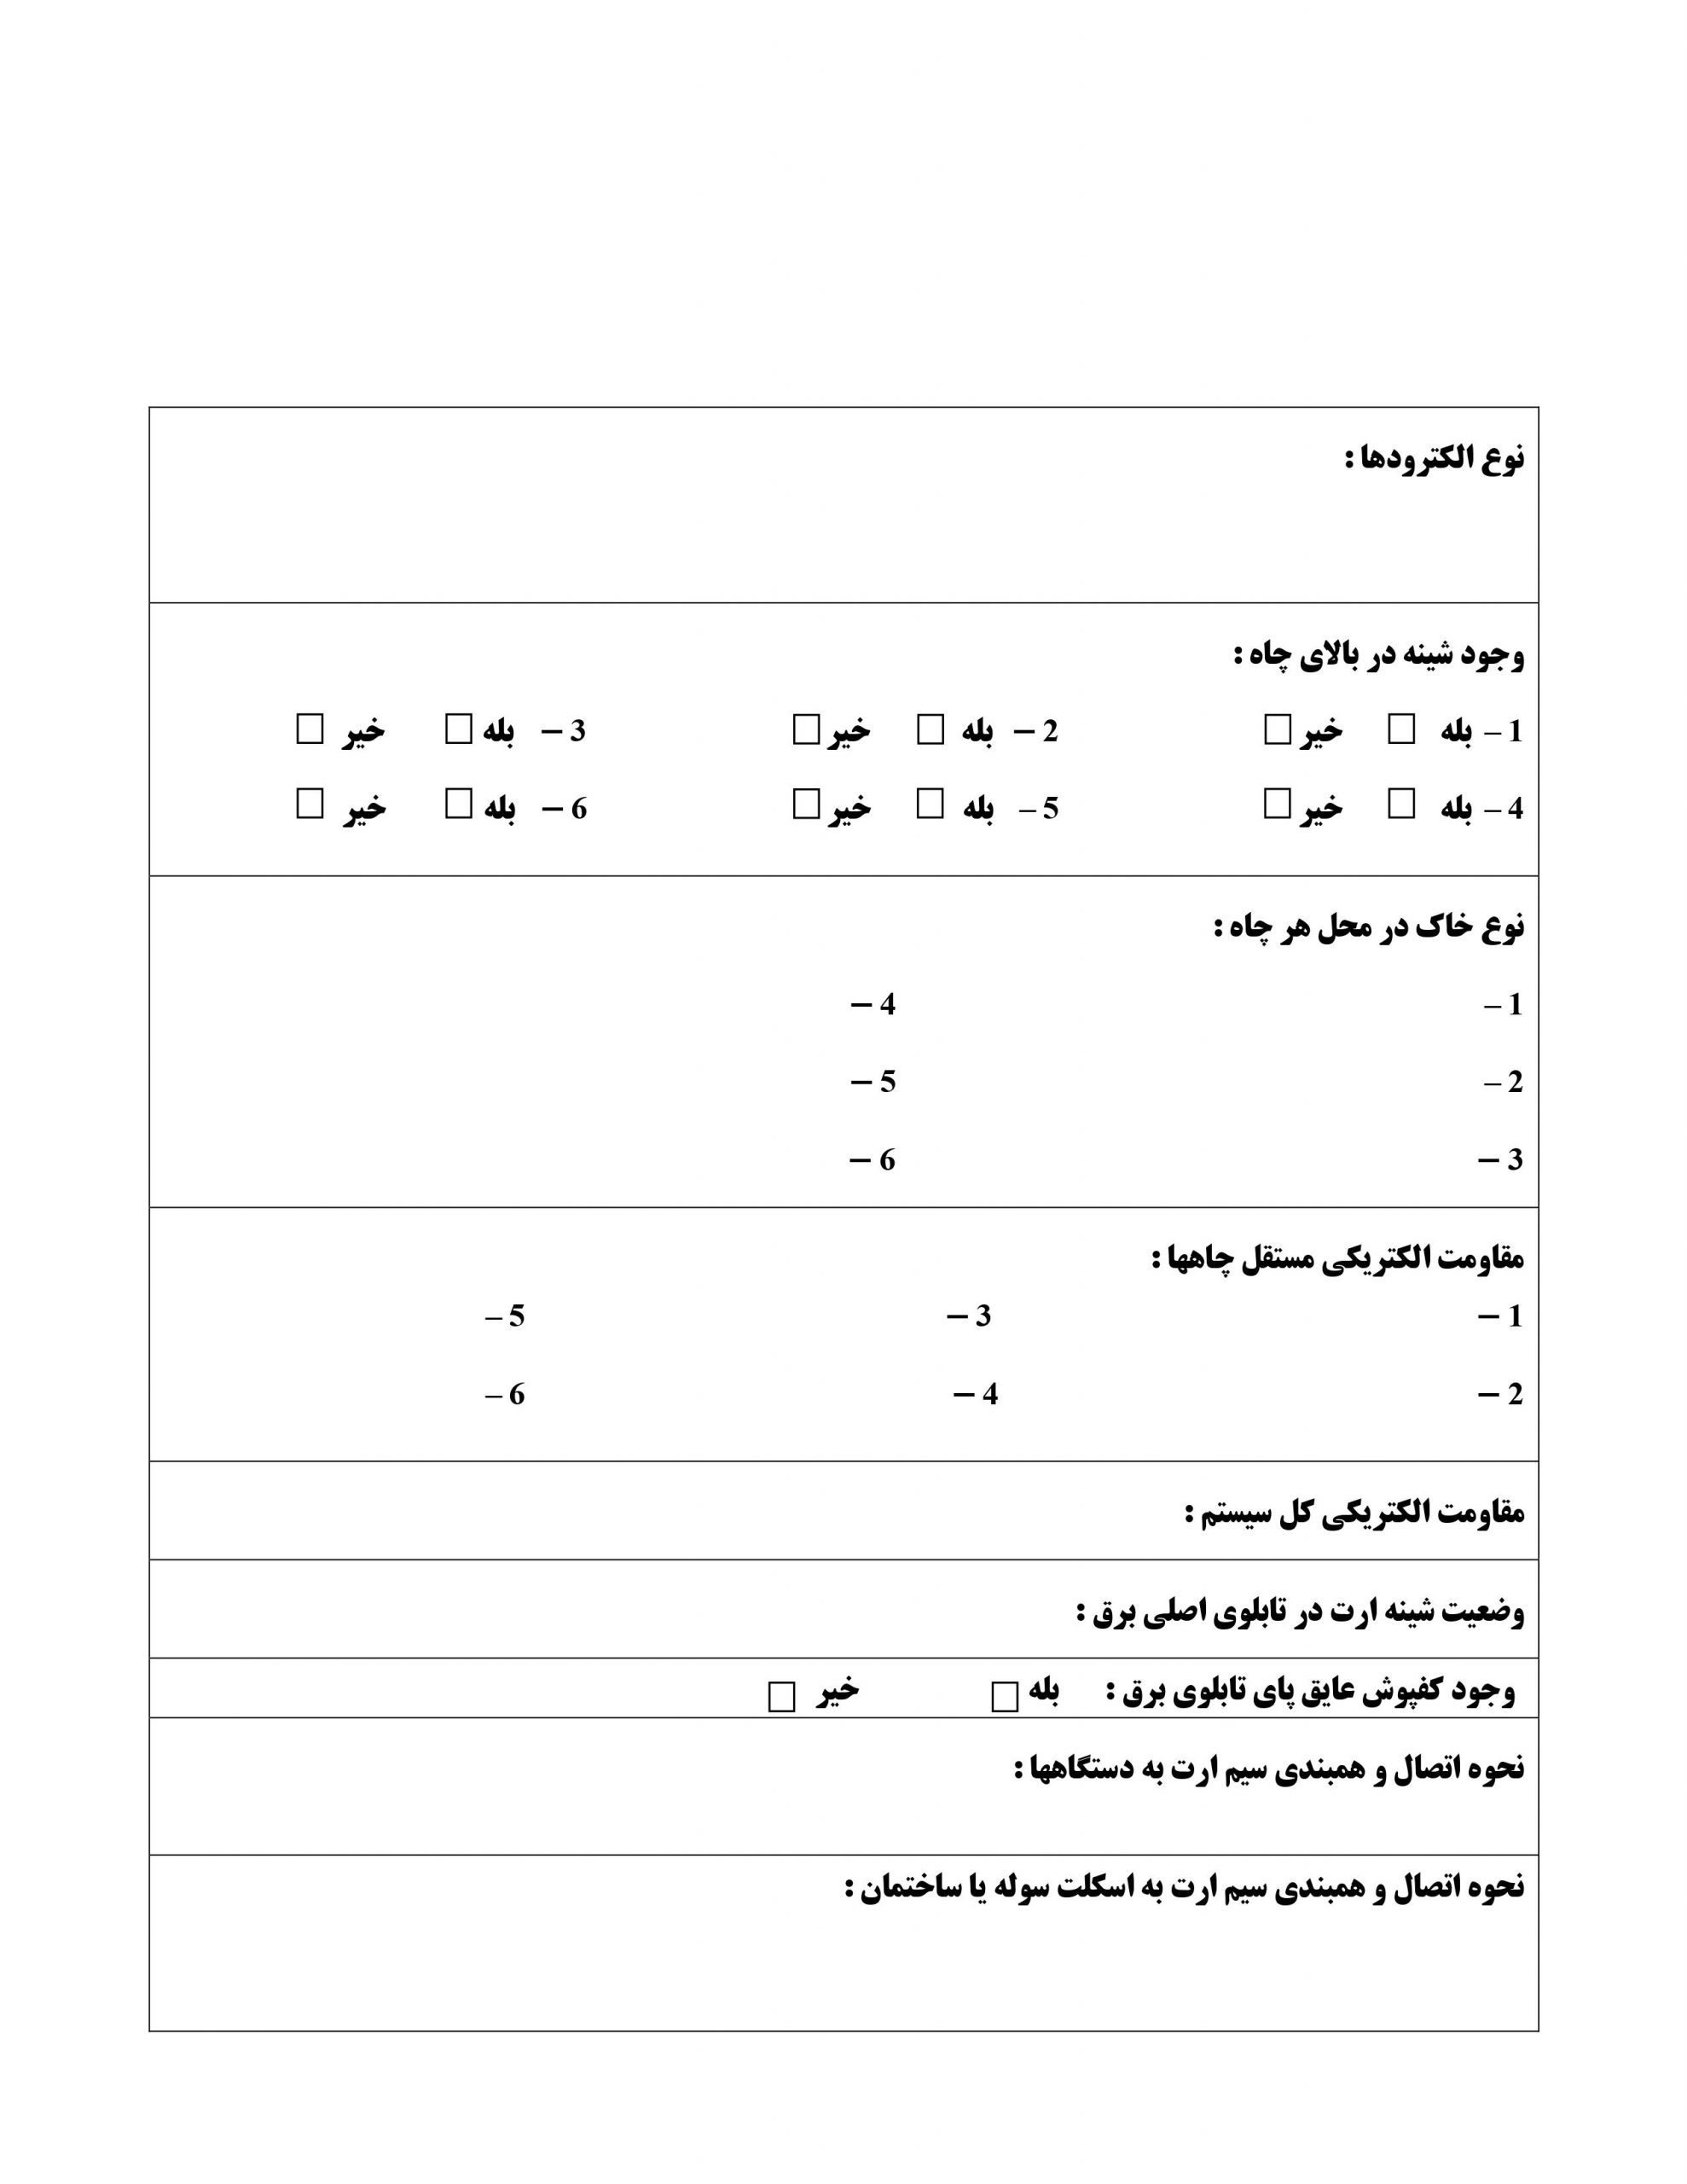 چک لیست چاه ارت (فرم بررسی سیستم ارت و چاه ارت)